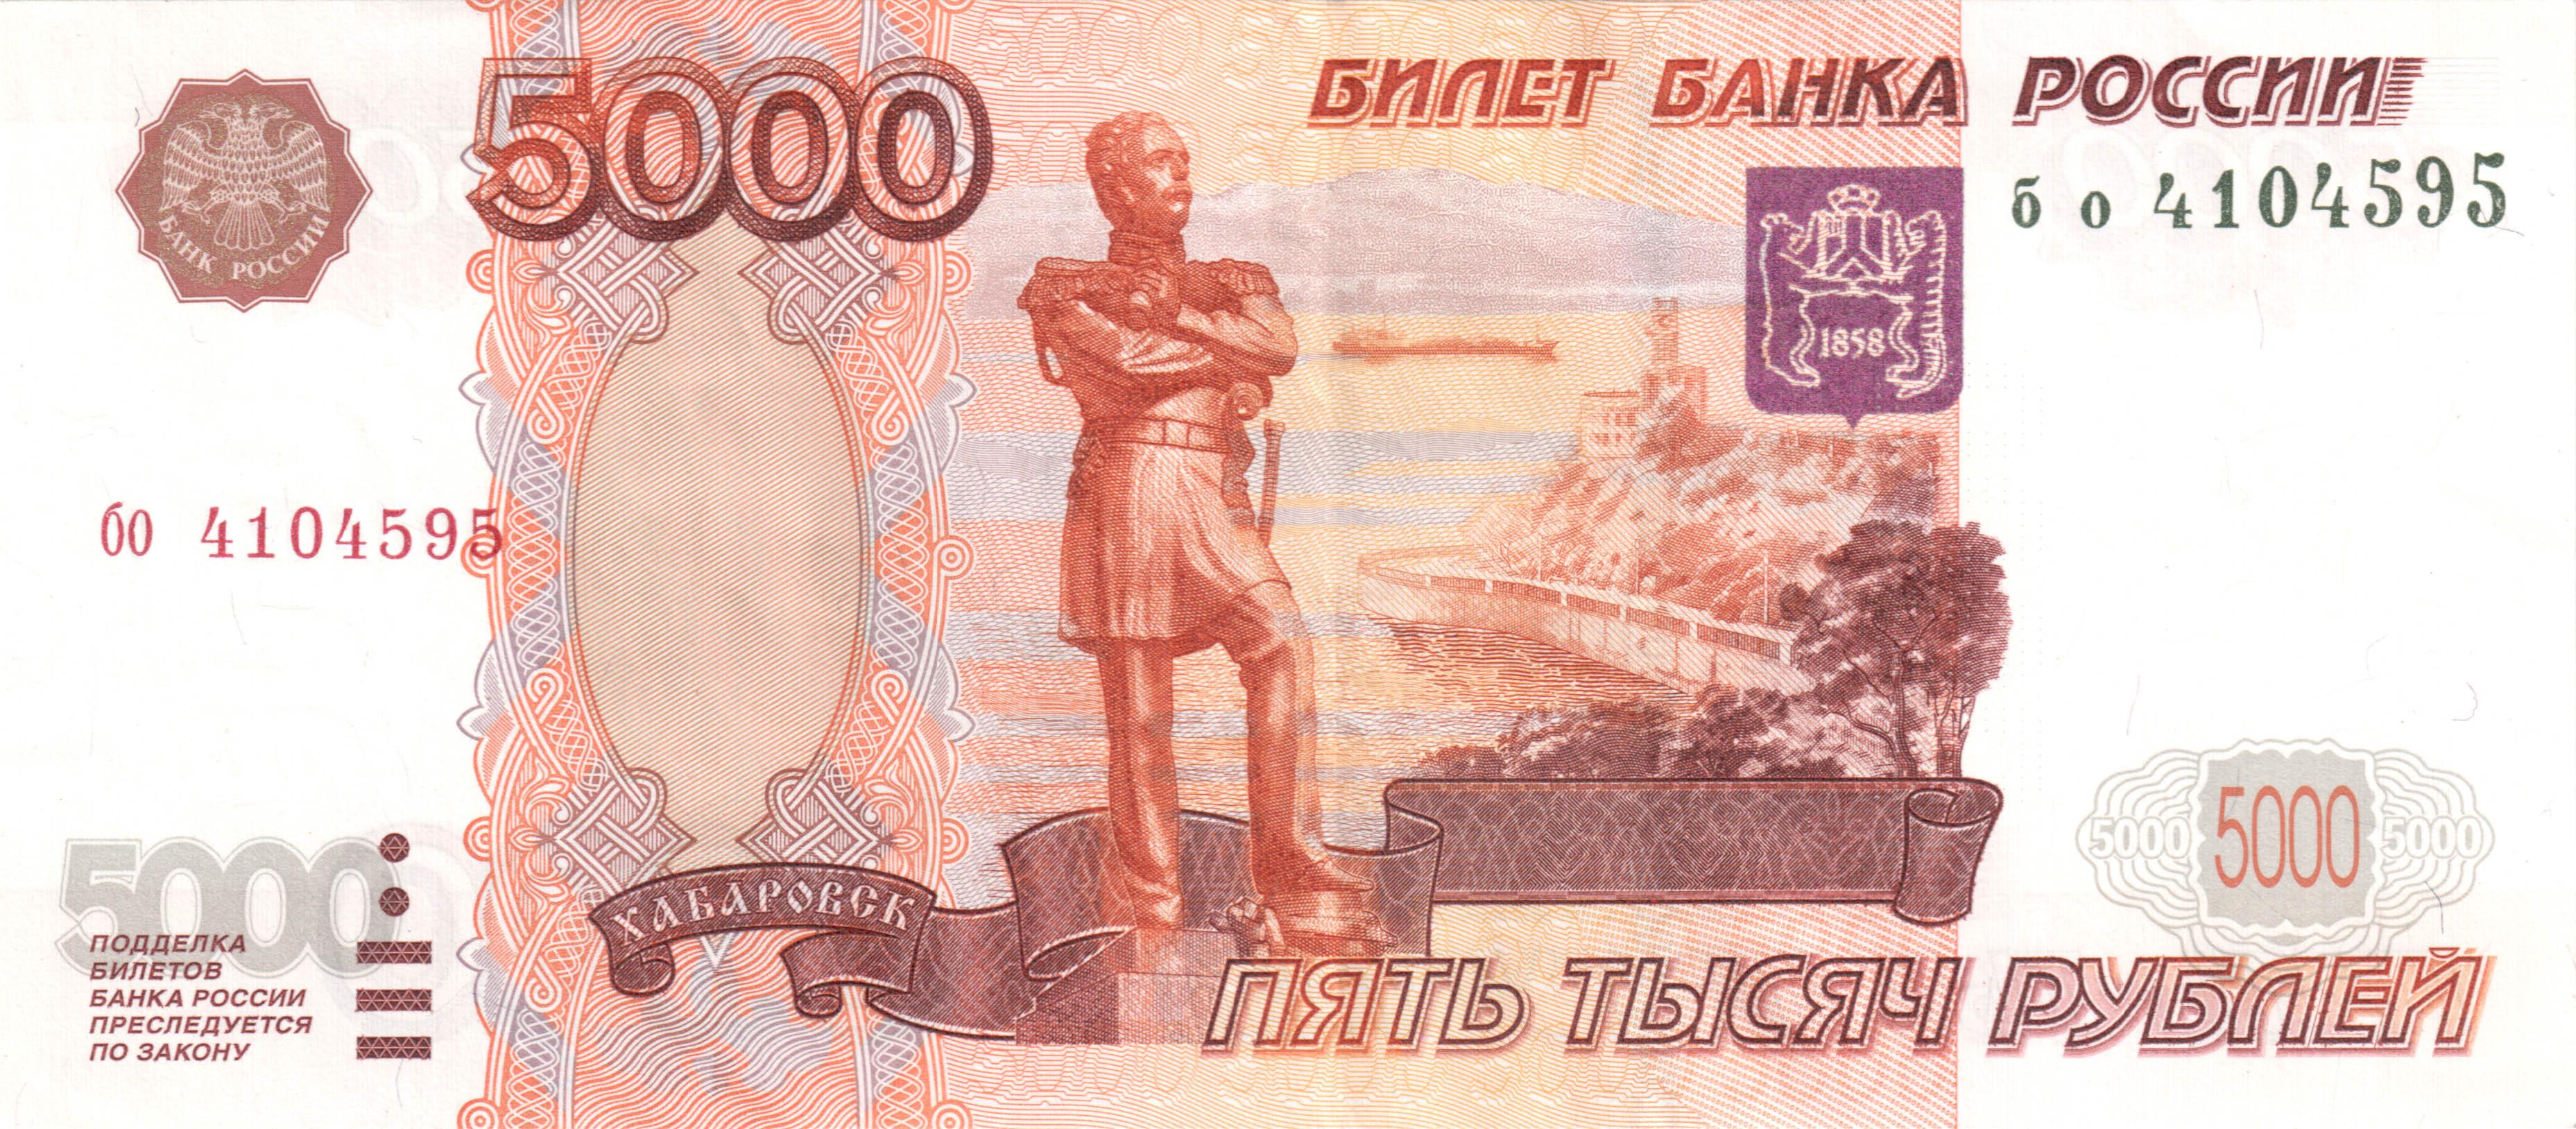 Картинки пяти тысяч рублей значок супер